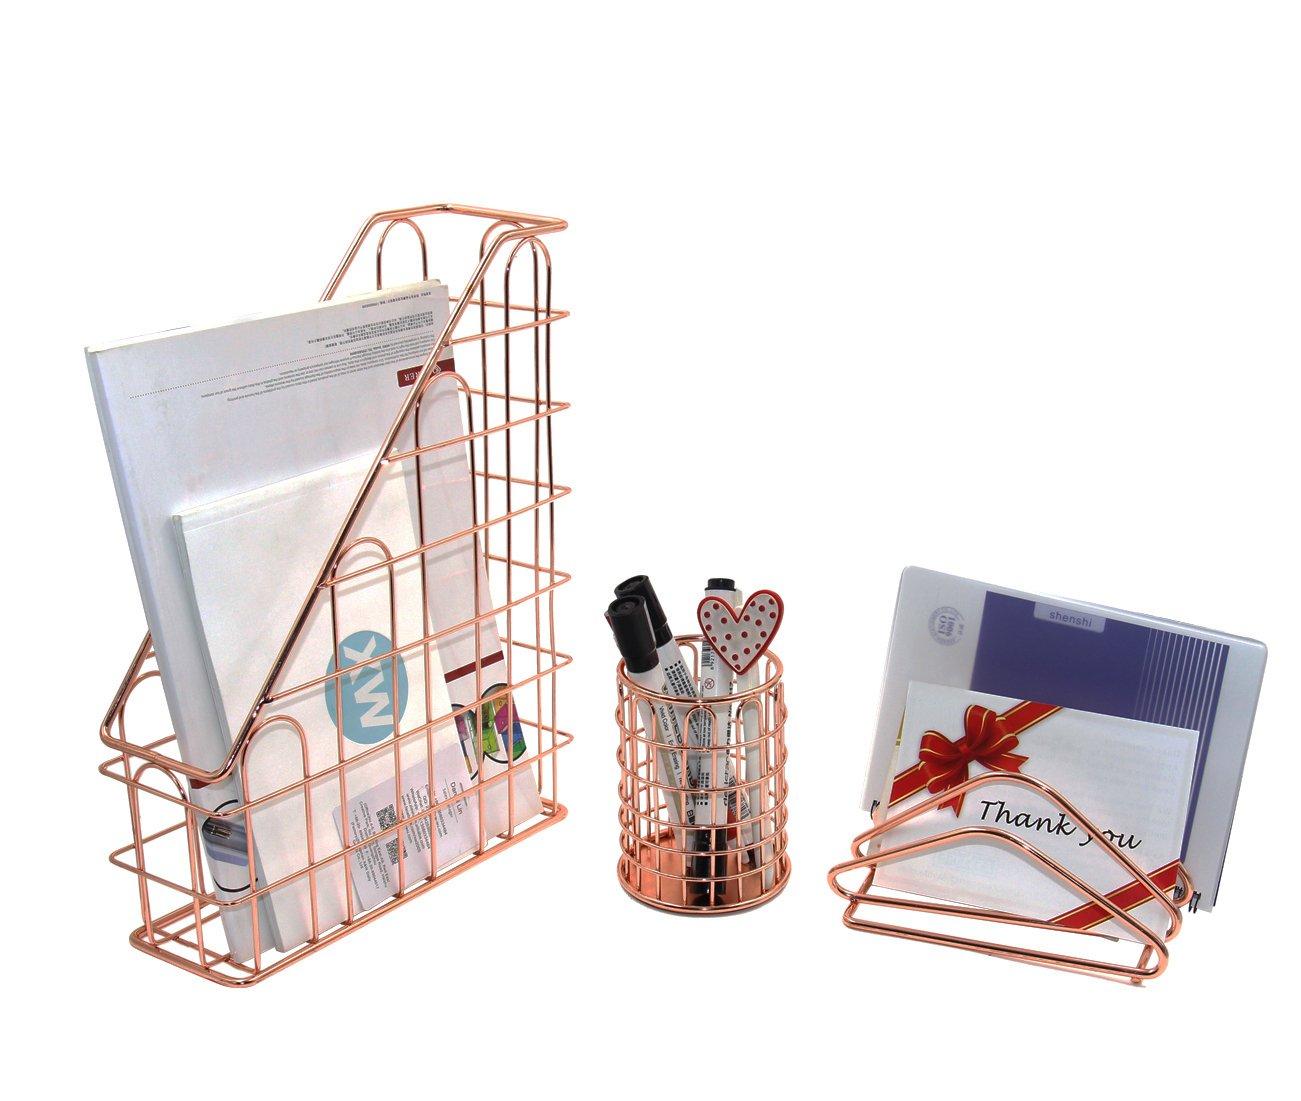 Superbpag Wire Metal 3 in 1 Desk Organizer Set- Letter Sorter, Pencil Holder and 1 Vertical Desk File Organizer